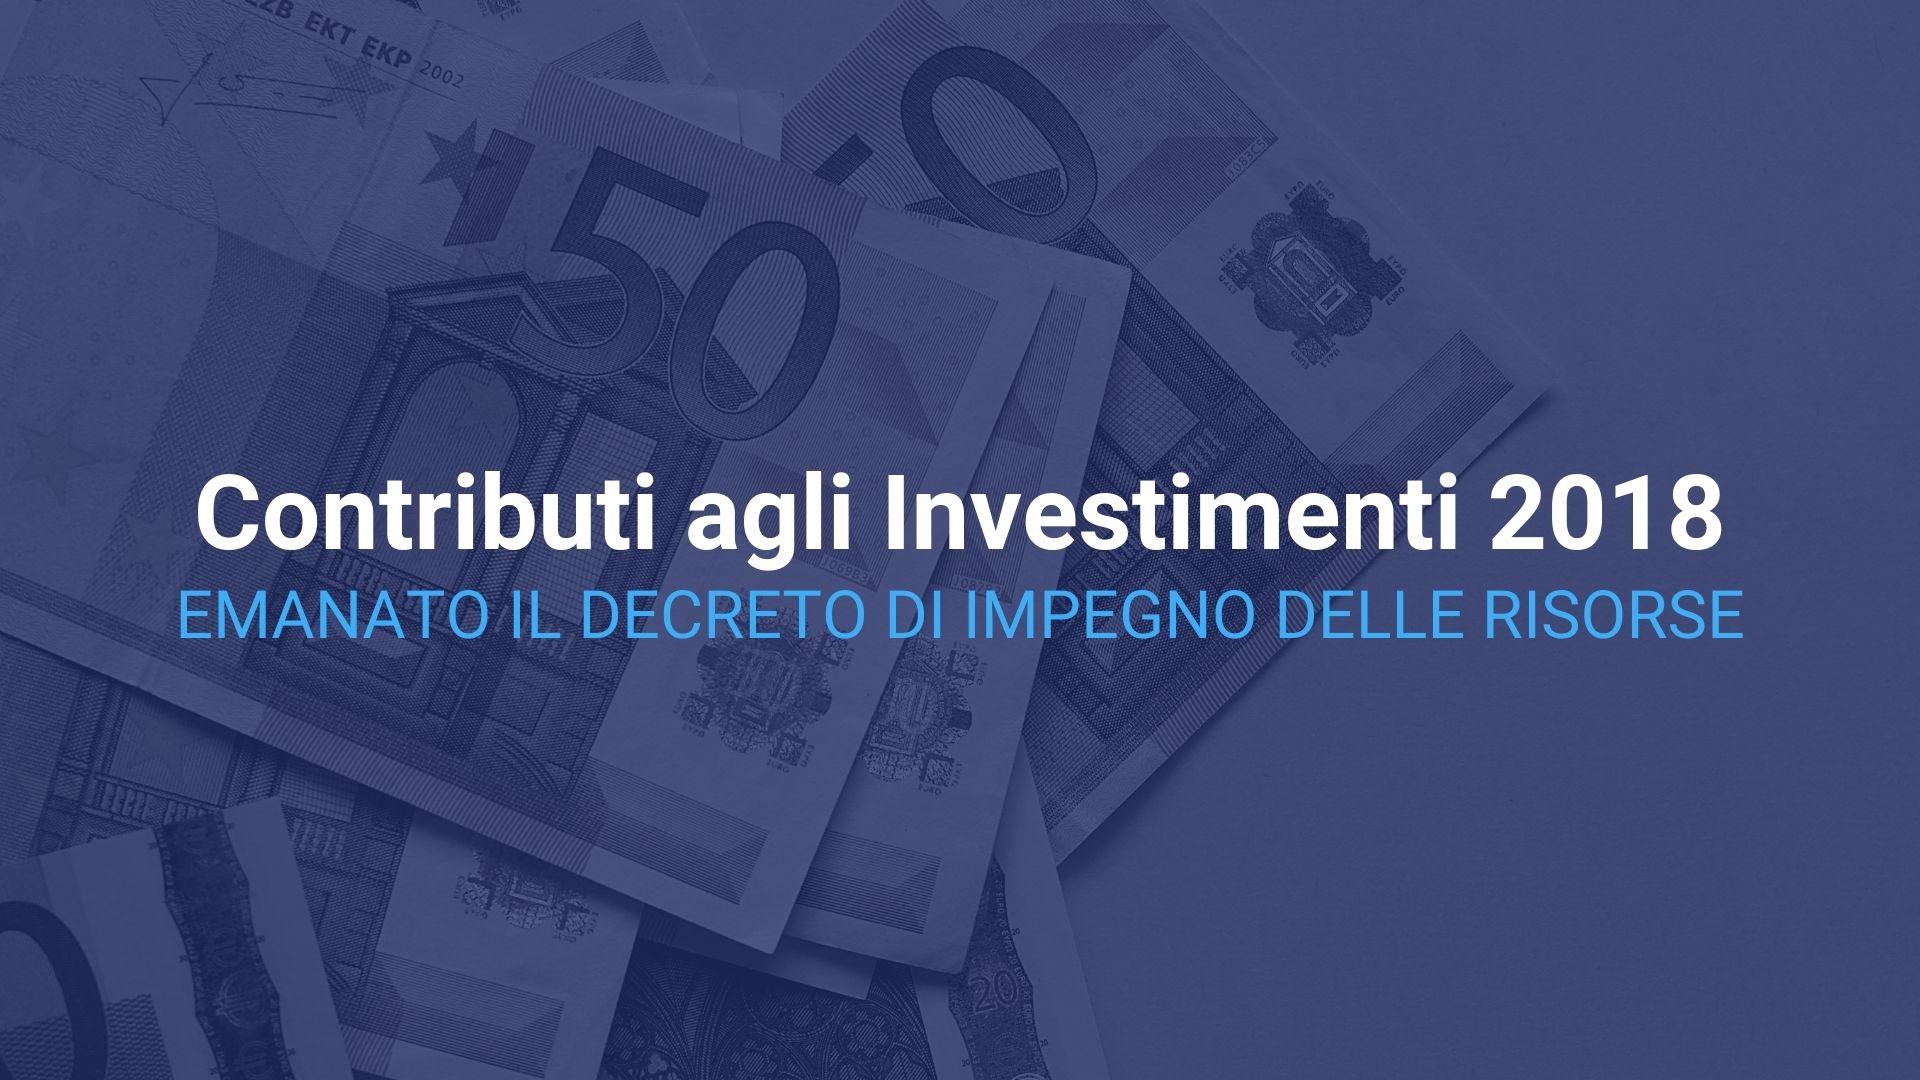 Contributi agli Investimenti 2018.